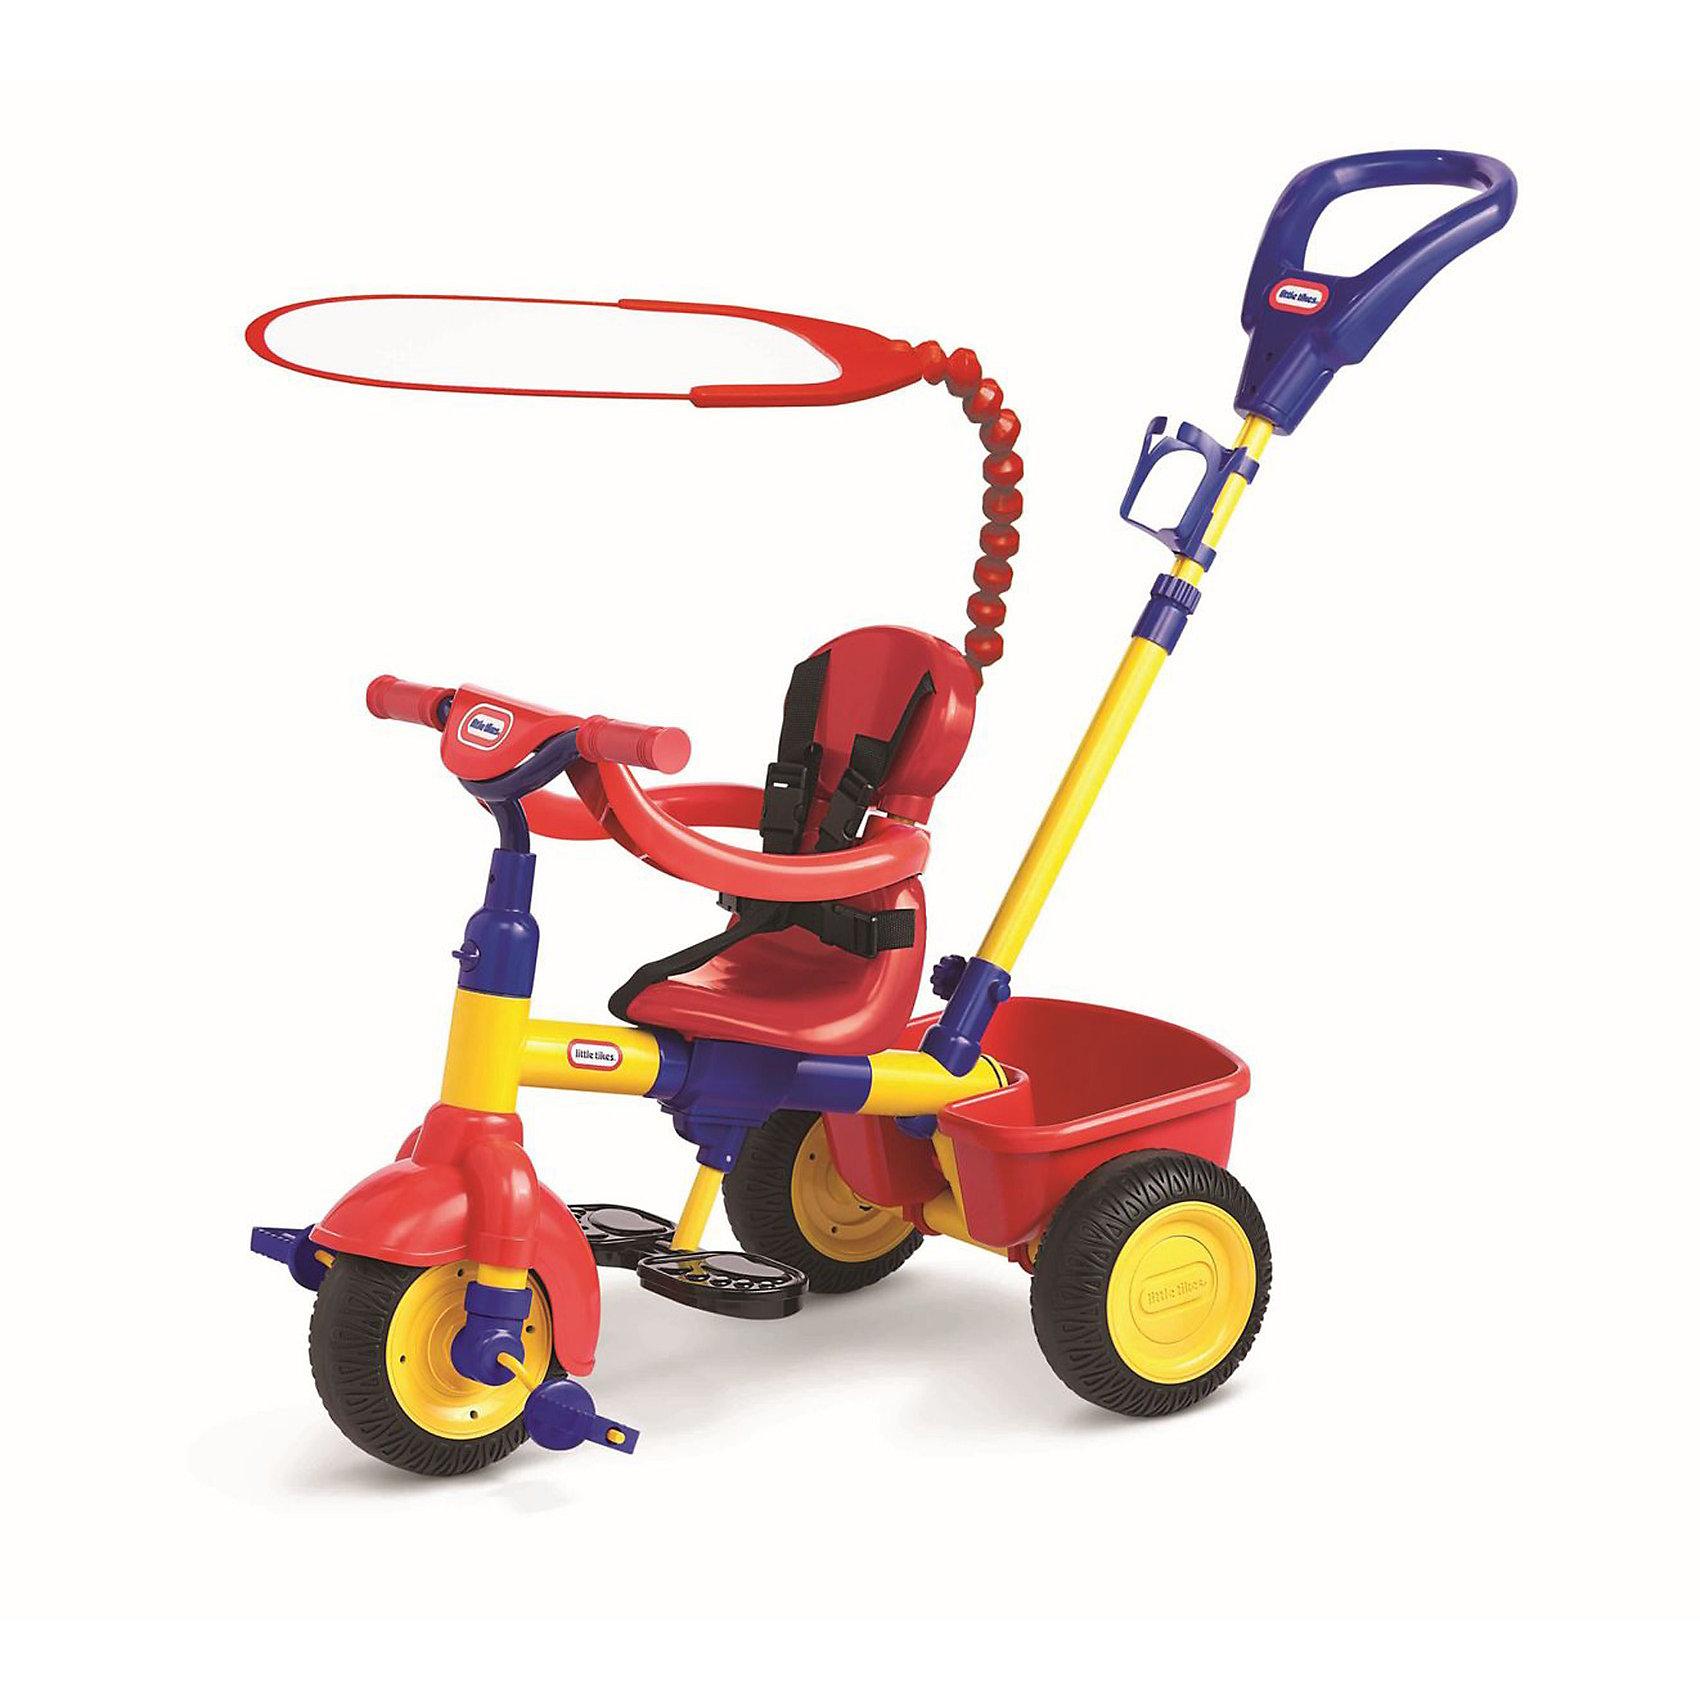 Велосипед 3-в-1, Little TikesВелосипед 3-в-1, Little Tikes (Литл Тайкс) предназначен для малышей от 9 до 36 месяцев. Естественно, что на протяжении такого длительного периода малыш растет, развивается, мы хотим, чтобы ему было комфортно на каждом этапе развития, поэтому предусмотрели возможность трансформирования (3 этапа):<br> 1-й этап: Родители сами возят ребенка с помощью удобной ручки. Малыш закреплен ремнями безопасности, ограничителем, ноги размещены на специальной подставке. <br>2-й этап: Малыш немного подрос, можно снять ограничитель и закрепить сиденье в положении 2.<br>3-й этап: Малыш подрос и может самостоятельно кататься на 3-х колесном велосипеде, трансформируем игрушку дальше: снимаем спинку, ремни безопасности, подставку для ног, снимаем блокировку с руля, снимаем ручку для катания и тент.<br>Прекрасный яркий велосипед красно-синий велосипед будет радовать Вашего малыша не одно лето!<br><br>Дополнительная информация:<br><br>- Толстая прочная рама;<br>- Прочная ручка, с помощью которой родители могут возить малыша, пока он не научился кататься самостоятельно;<br>- Удобное сиденье, его можно размещать на раме в 3- положениях;  <br>- Открепляющаяся спинка;<br>- Удобный руль, с антискользящим рифлением; <br>- Педали с антискользящей поверхностью, в форме медвежонка; <br>- Колеса с протектором, тихие и бесшумные при езде по асфальту, изготовлены из PP (полипропилен) и PVC (полихлорвинил) - прочного и пластичного материала, устойчивого к порезам и проколам, к воздействию влаги, стойкого к истиранию;<br>- Ремни безопасности;<br>- Ограничитель (в дополнение к ремням безопасности, для 1-го этапа);<br>- Держатель для бутылочки;<br>- Корзина сзади (в которую малыш может положить любимые игрушки, а мама необходимые вещи, которые могут понадобиться во время прогулки);<br>- Тент от солнца, он крепится к велосипеду при помощи длинного крепежа, который может гнуться в любую сторону и под любым углом;<br>- Максимально допустимая нагрузка на корзину: 2,3 кг;<br>- Допус